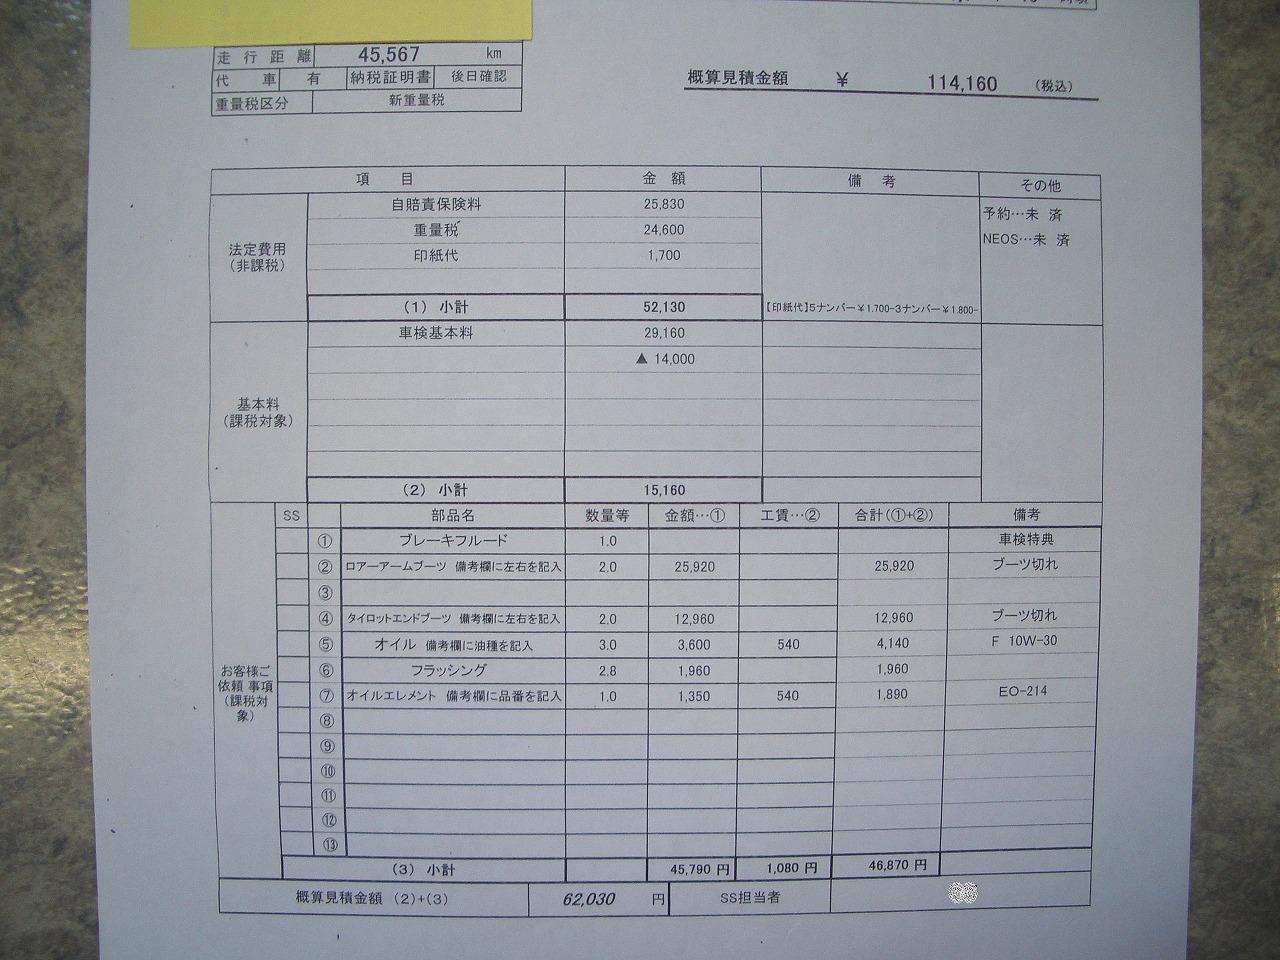 【見積り比較】車検費用をガソリンスタンドさんと比べてみました☆車検のコバック越谷店